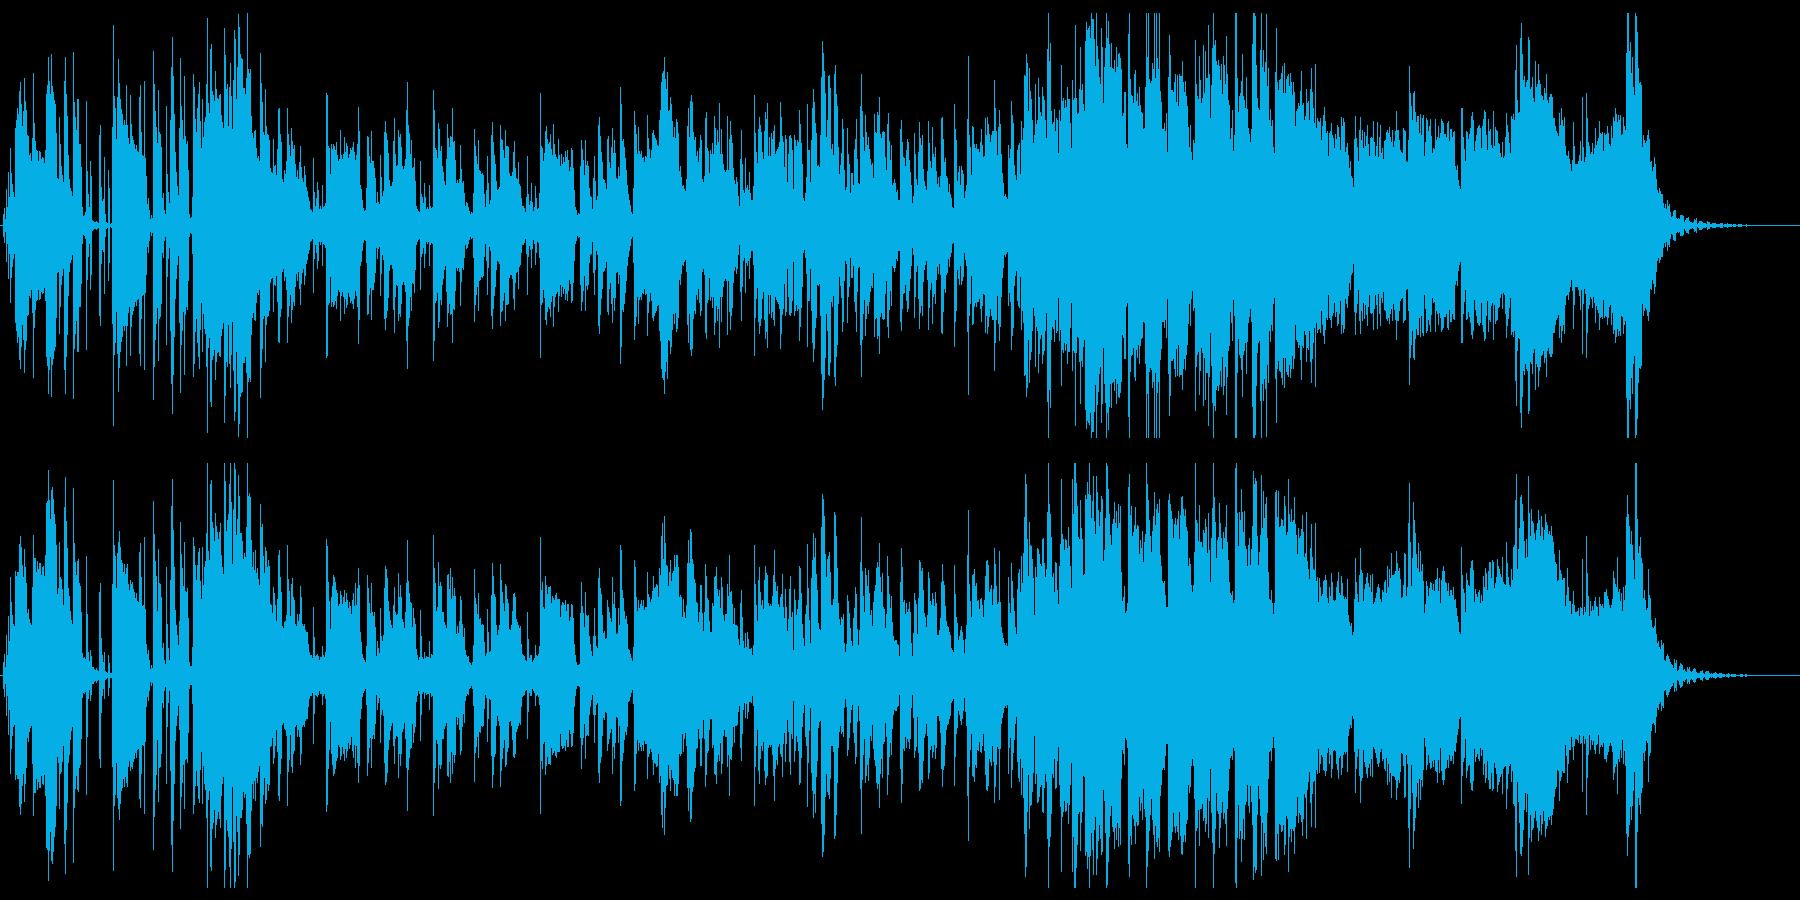 不気味な雰囲気のジャズの再生済みの波形